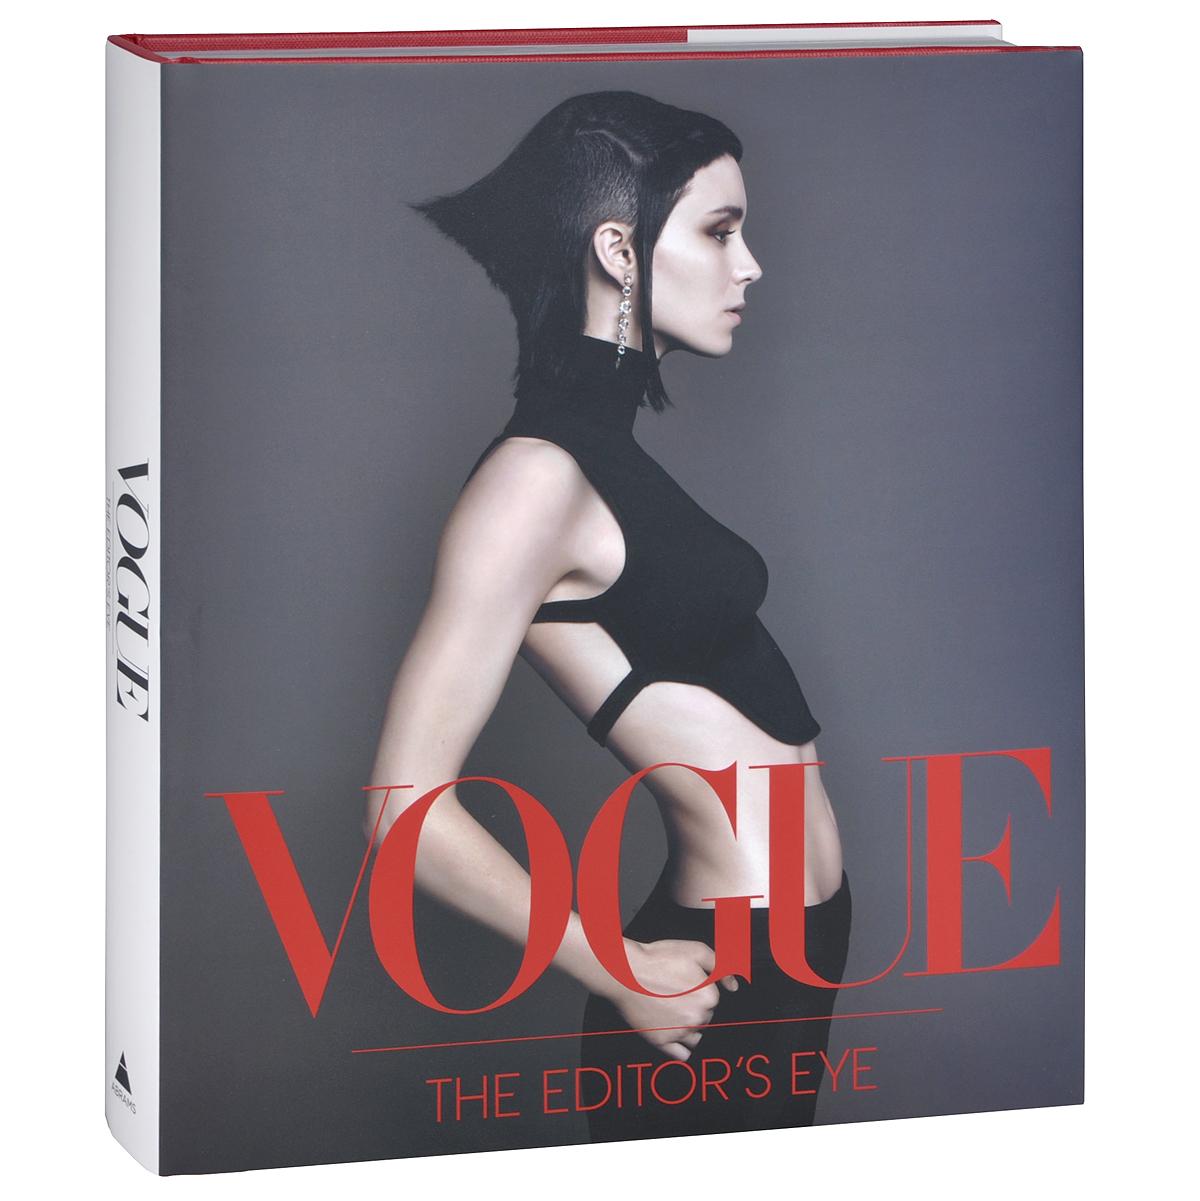 Vogue: The Editor's Eye тиски для сверлильного станка в украине